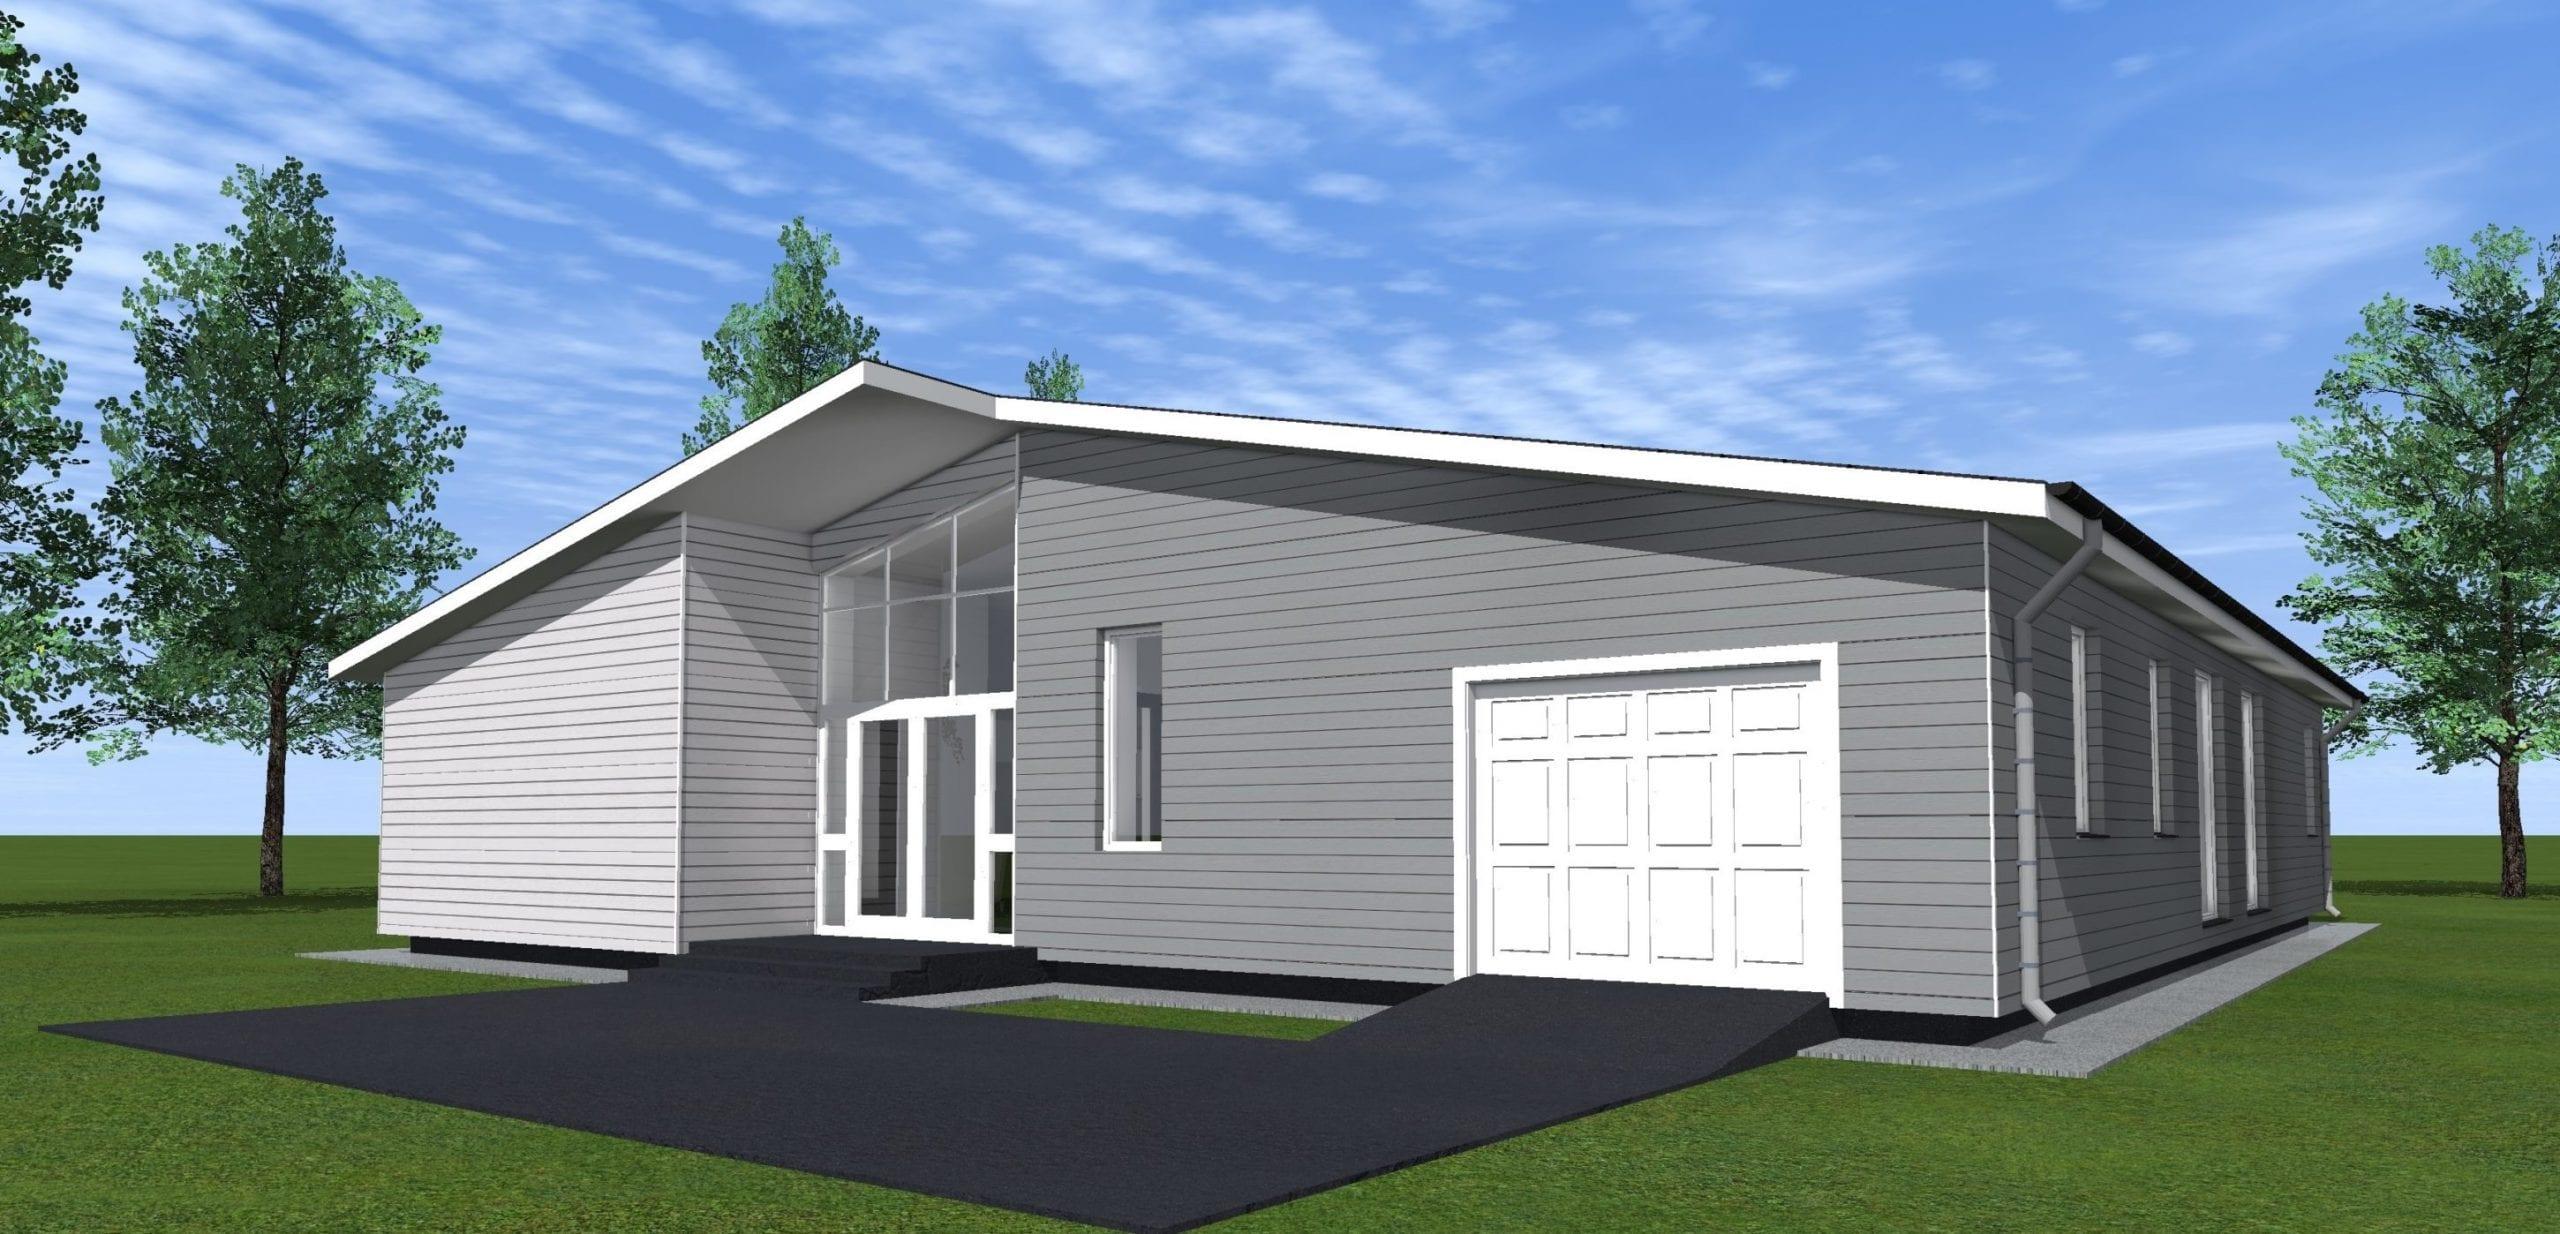 Vienbučių gyvenamųjų namų projektai